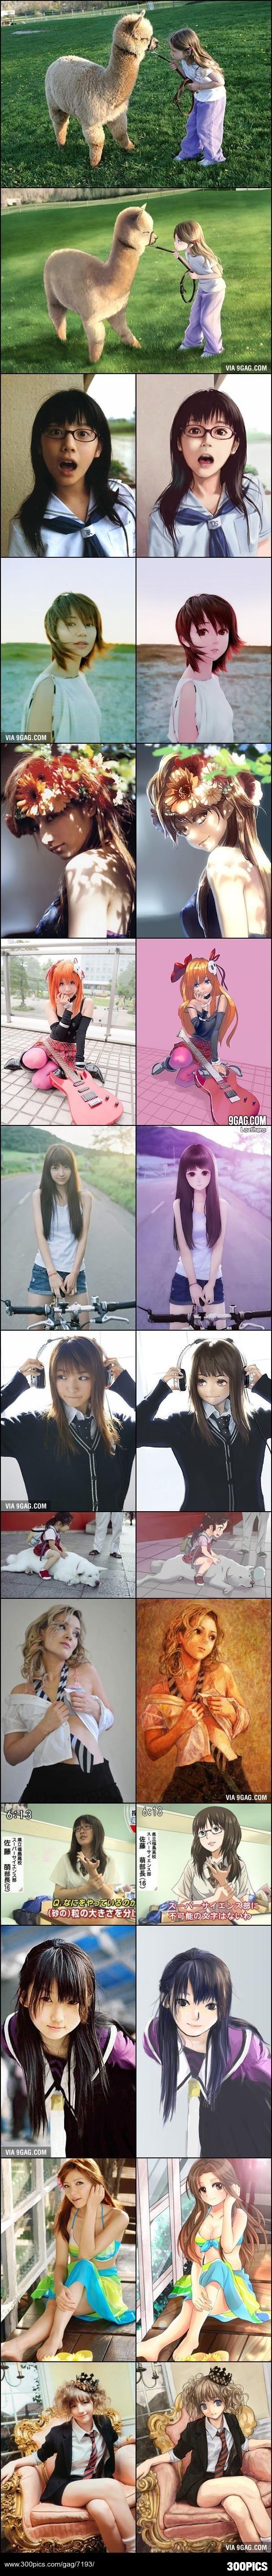 Real Life vs. Anime Girls - 300Pics